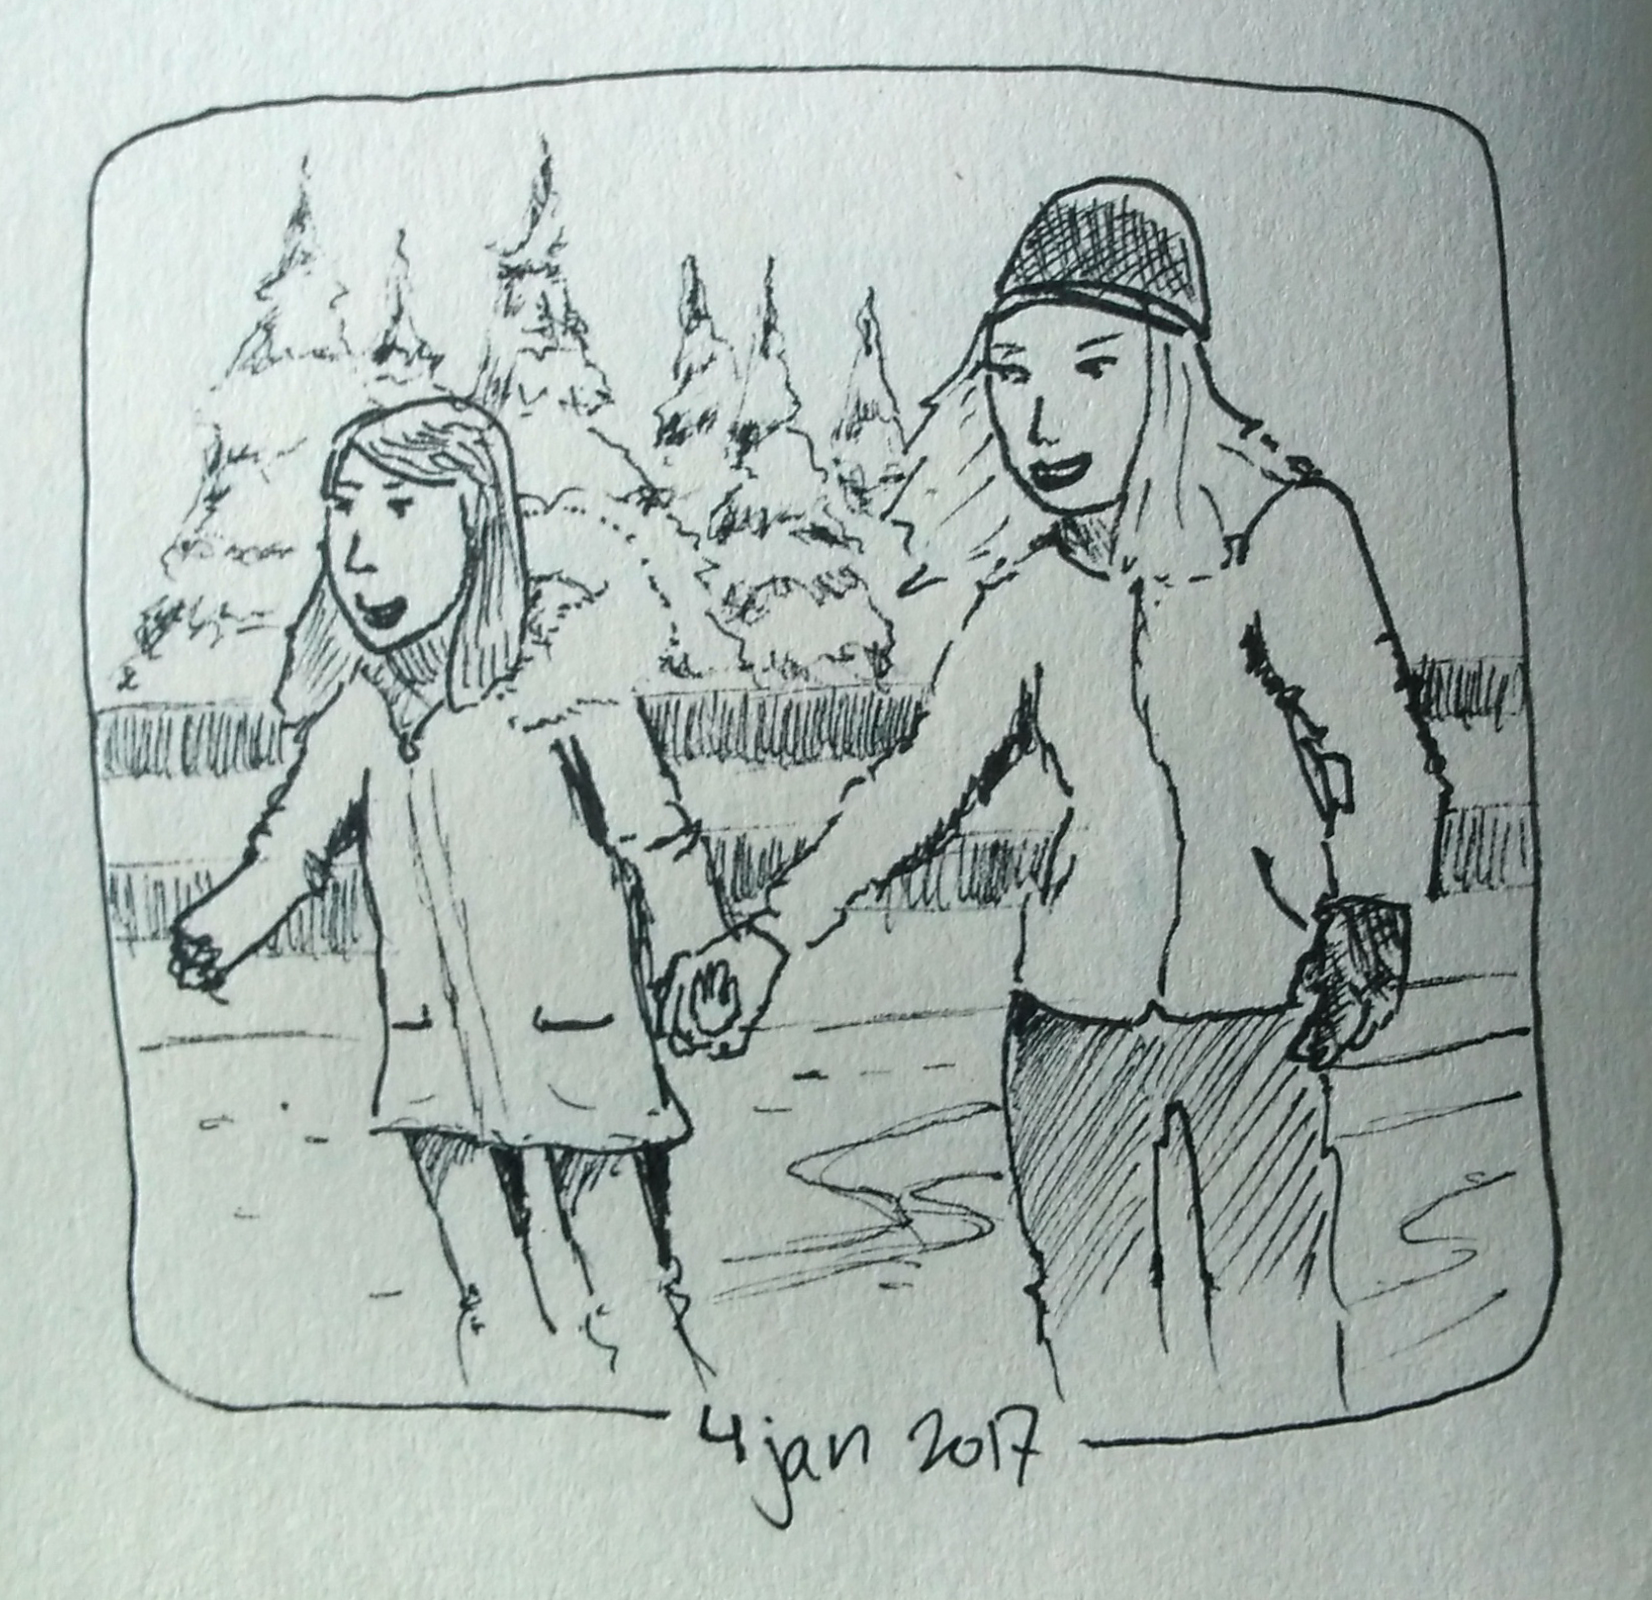 04jan2017